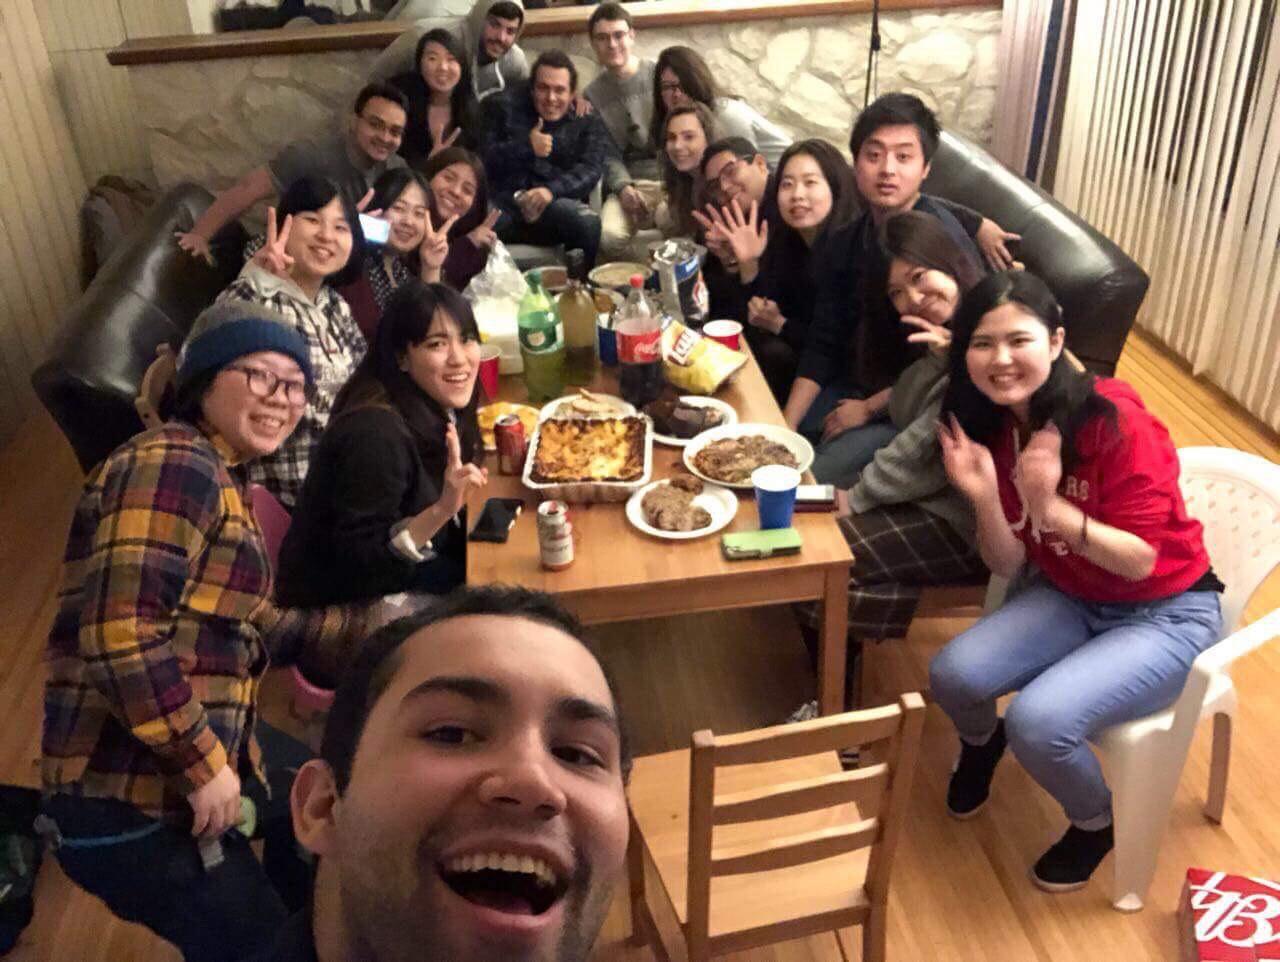 【カナダ留学:Keisukeさん】少人数で国際色豊かな学校でした!